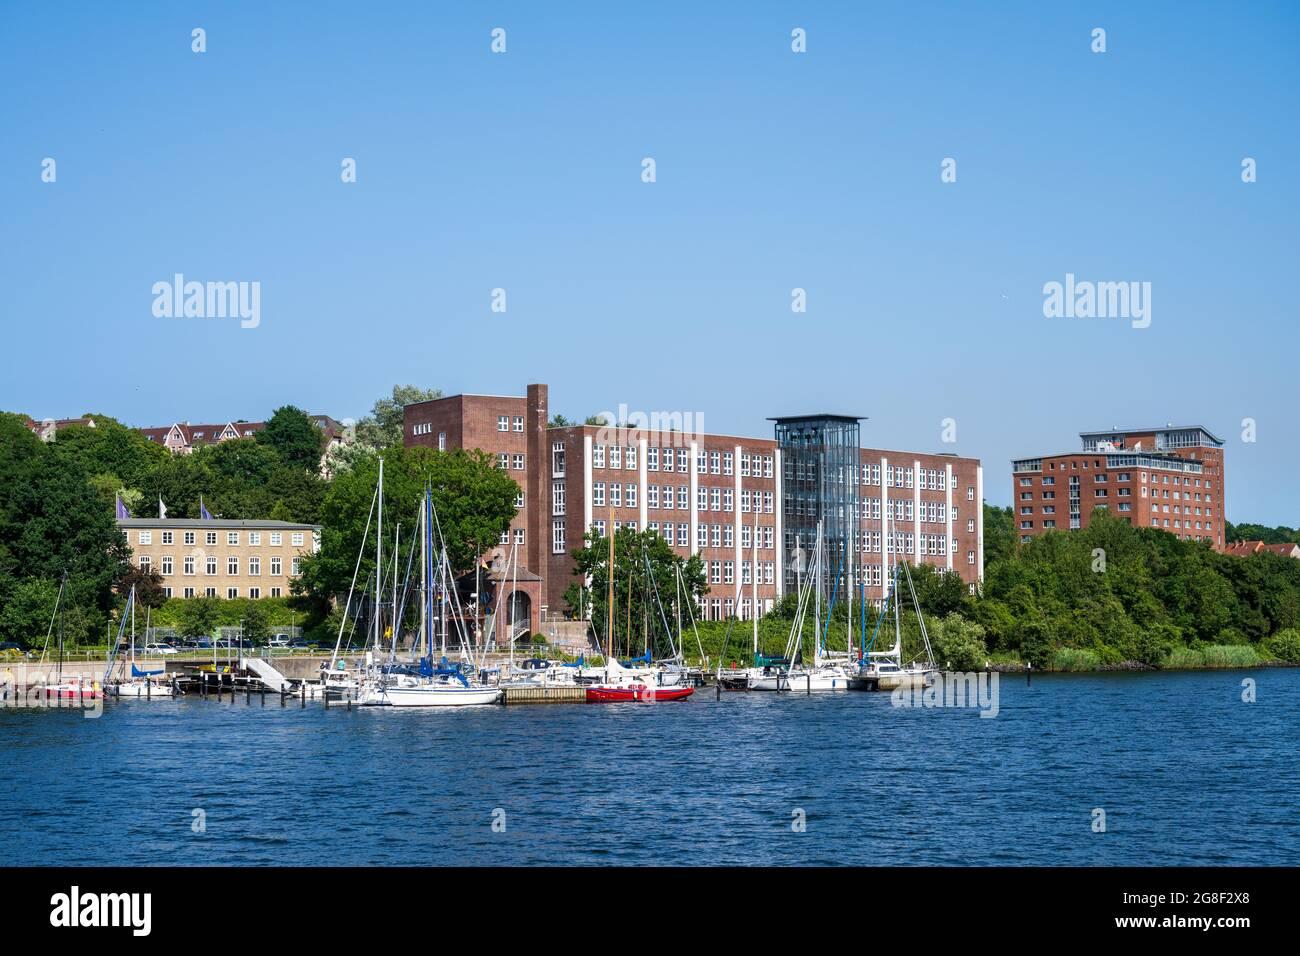 Kiel Hafenimpressionen - Das Gebäude einer Rehaklinik am Ufer der Schwentine kurz vor der Mündung des Flusses in die Kieler Förde Stock Photo